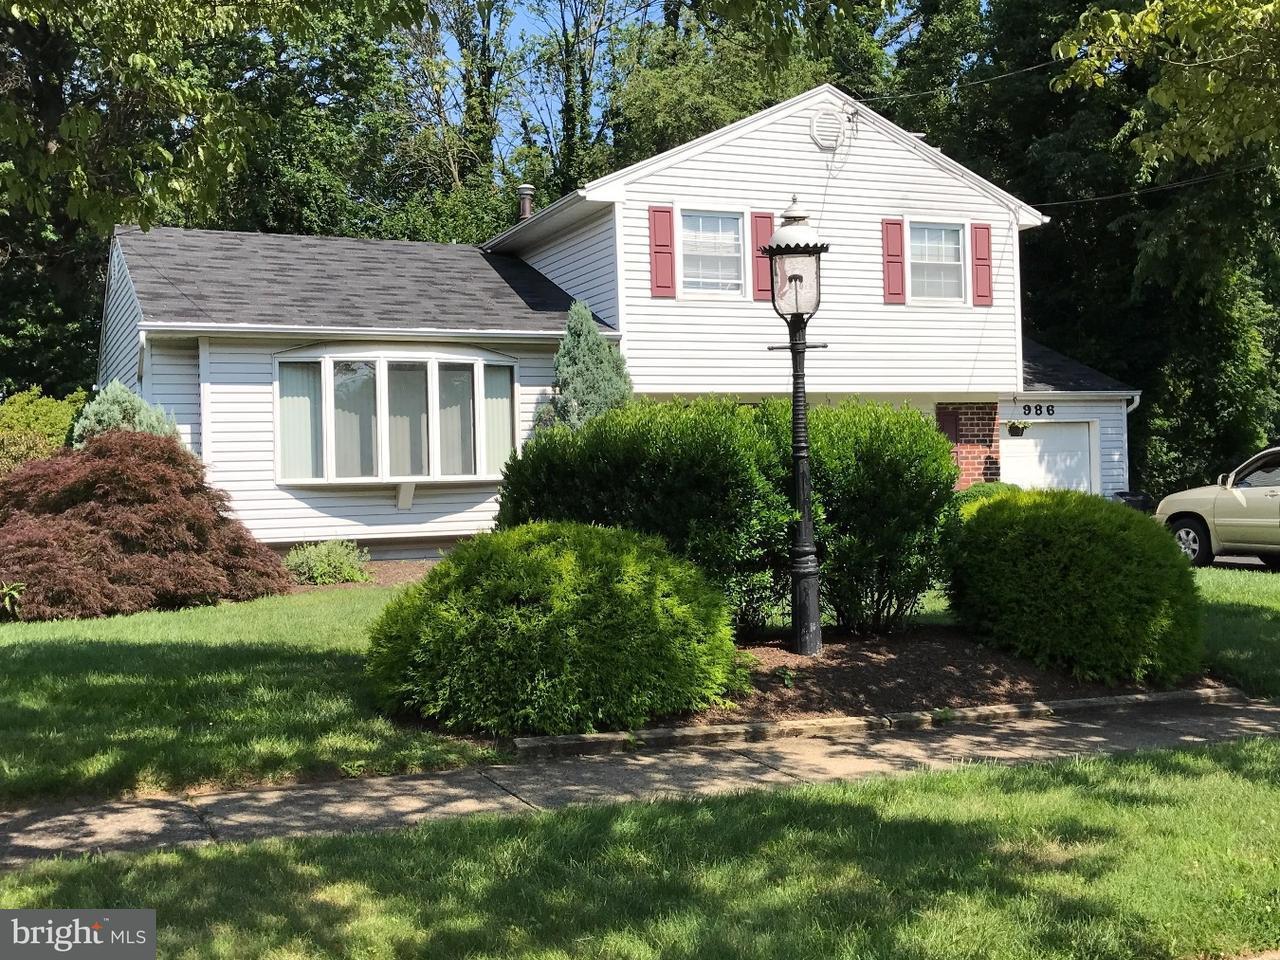 Casa Unifamiliar por un Venta en 986 INDEPENDENCE Road Warminster, Pennsylvania 18974 Estados Unidos